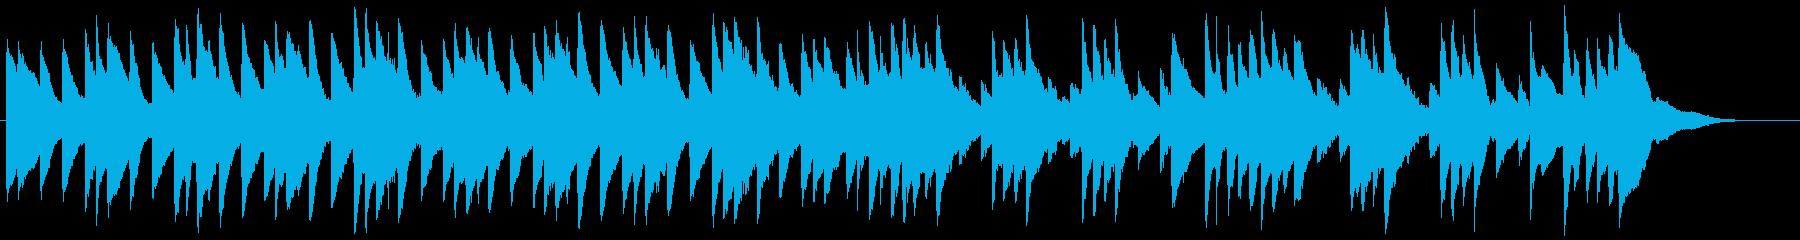 流行のコンセプトムービーBGMサウンド④の再生済みの波形